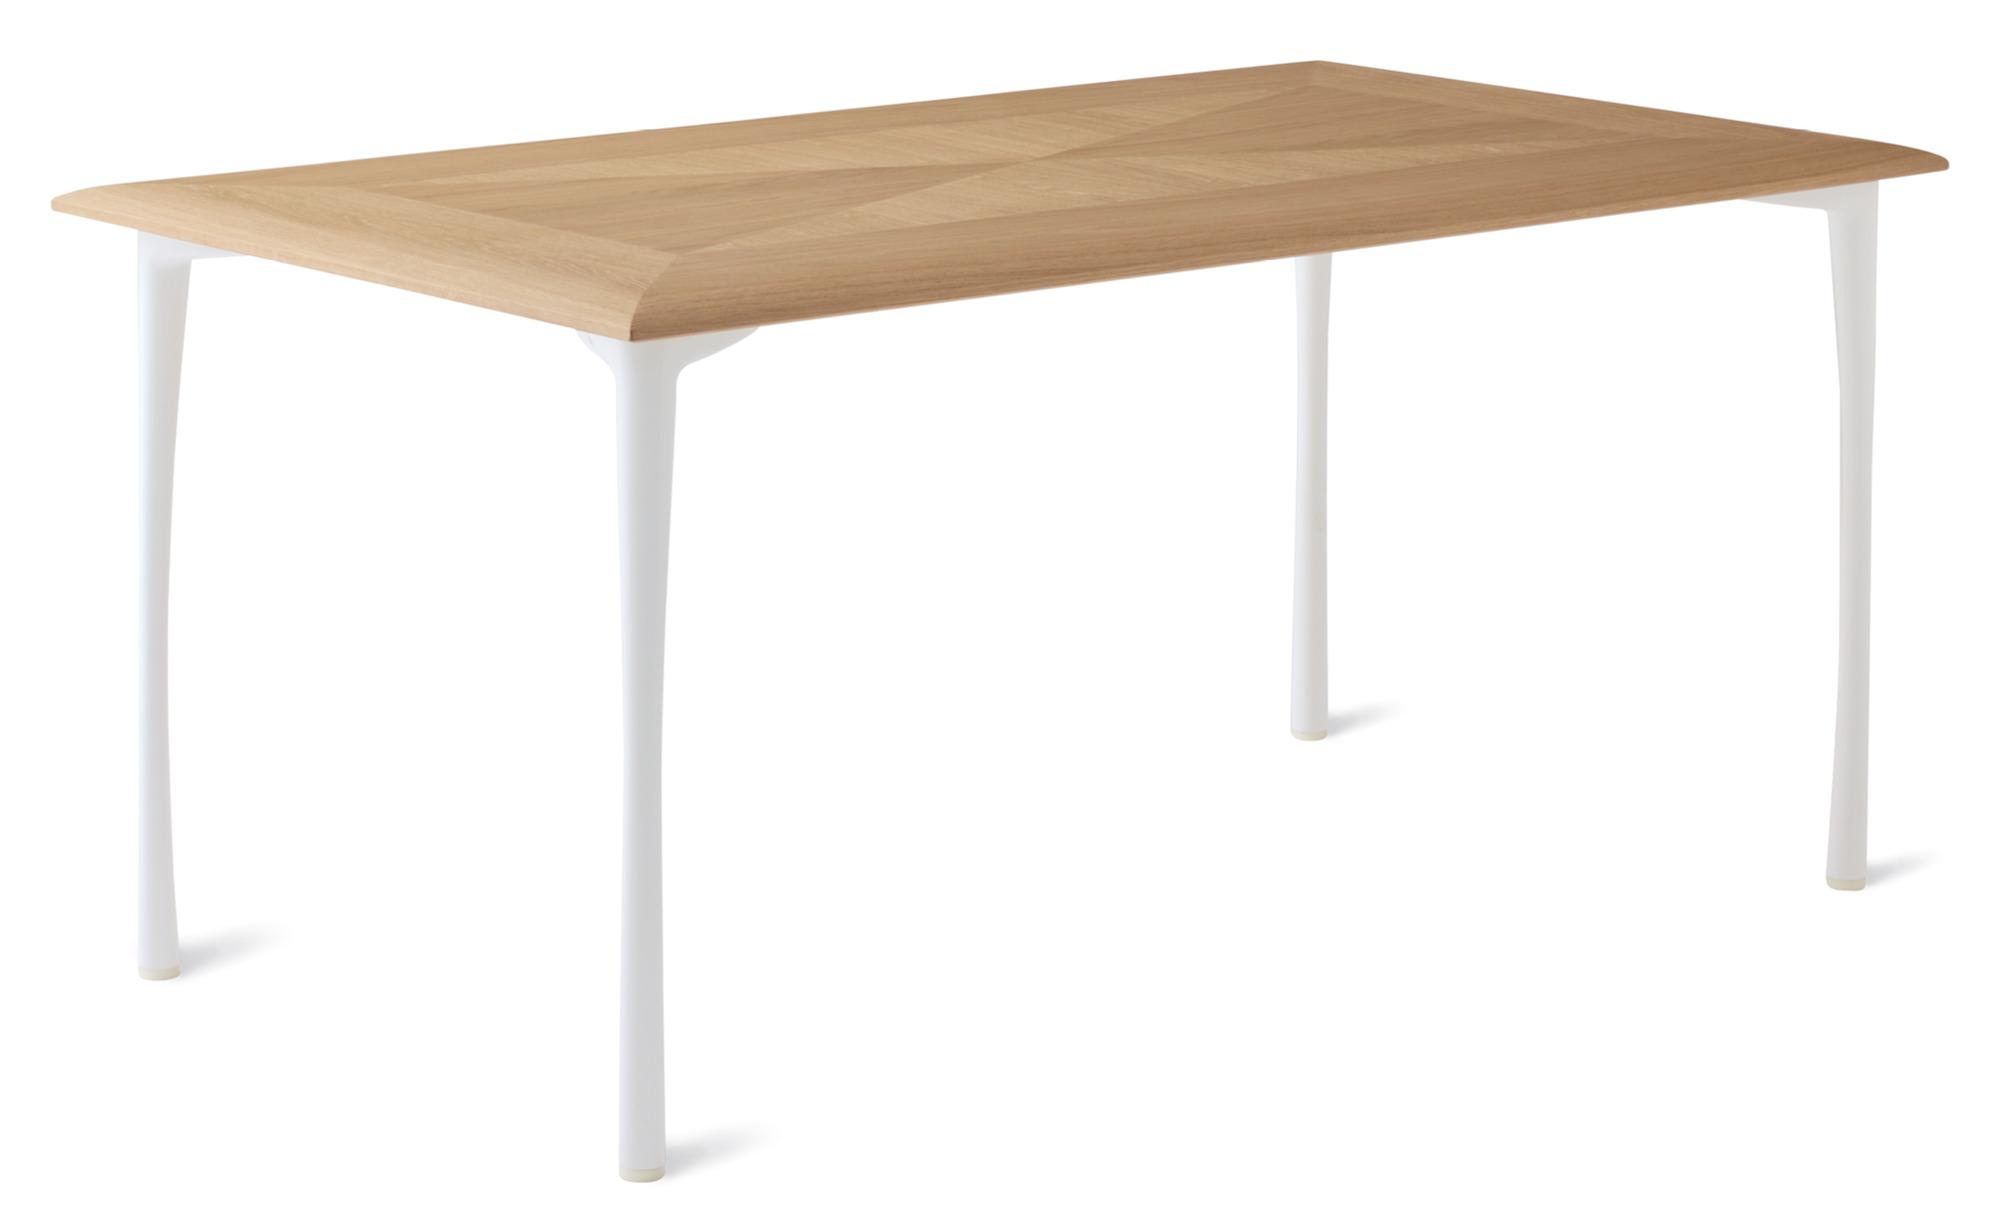 tavolo moka veneta